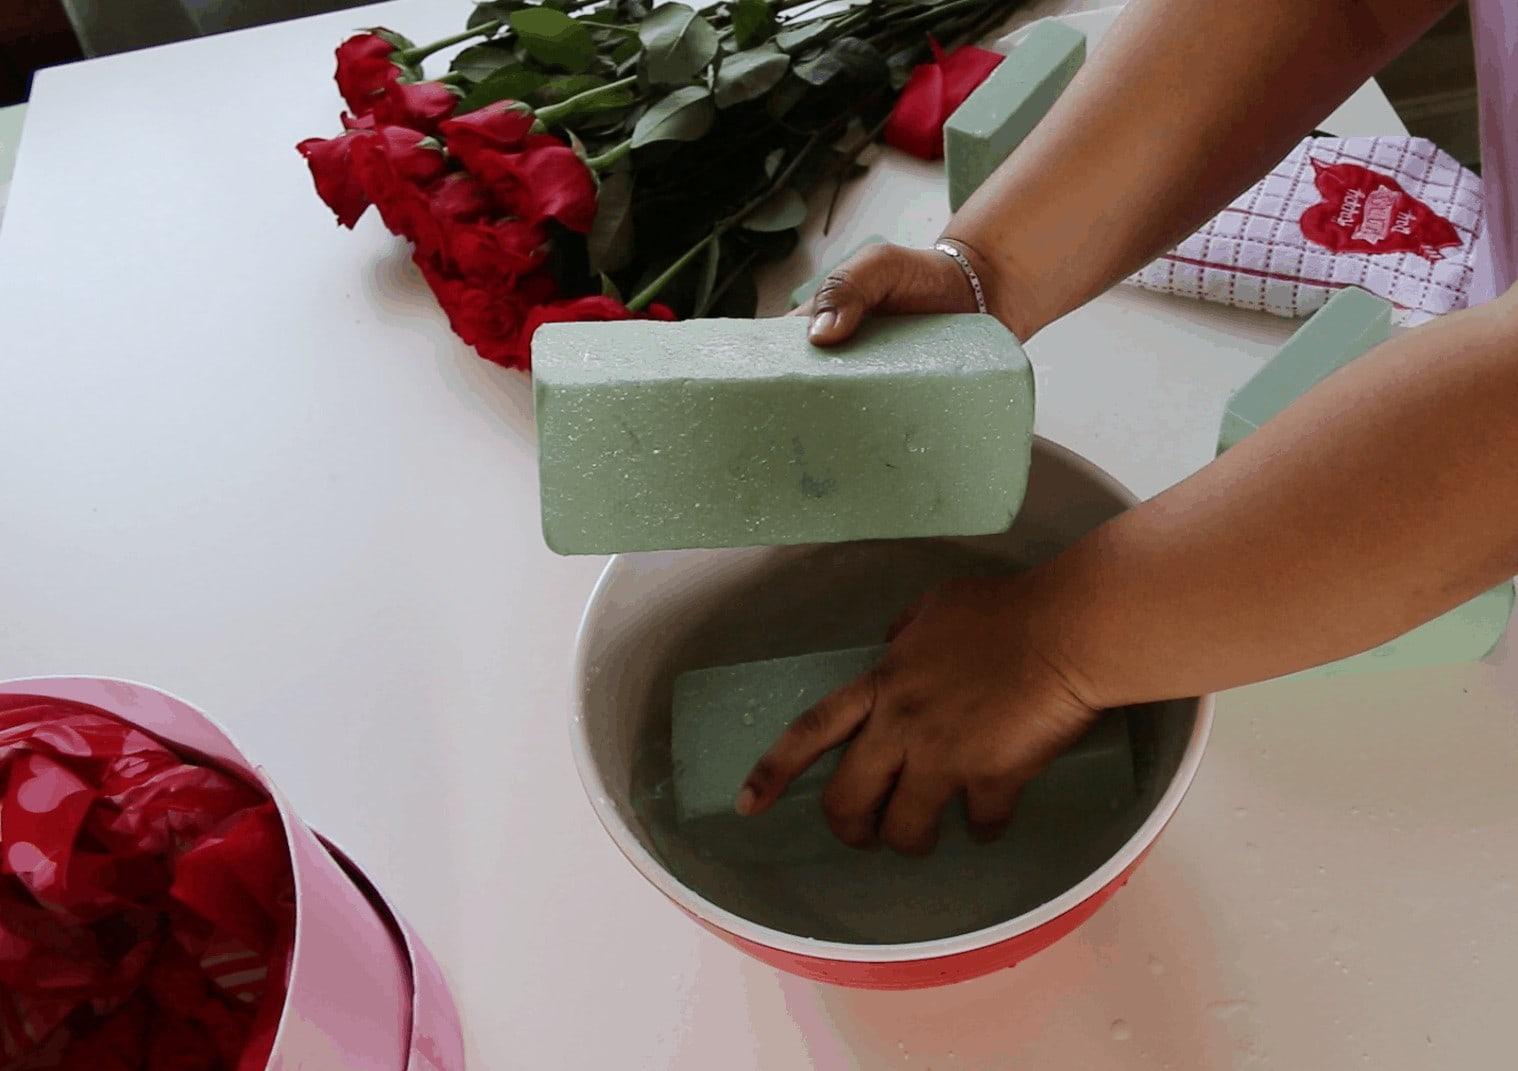 Screen Shot 2017 01 31 at 11.55.49 PM - Cómo hacer Caja de Rosas para San Valentin :  También 6 Fáciles regalos que tu mismo puedes hacer para Valentines Day